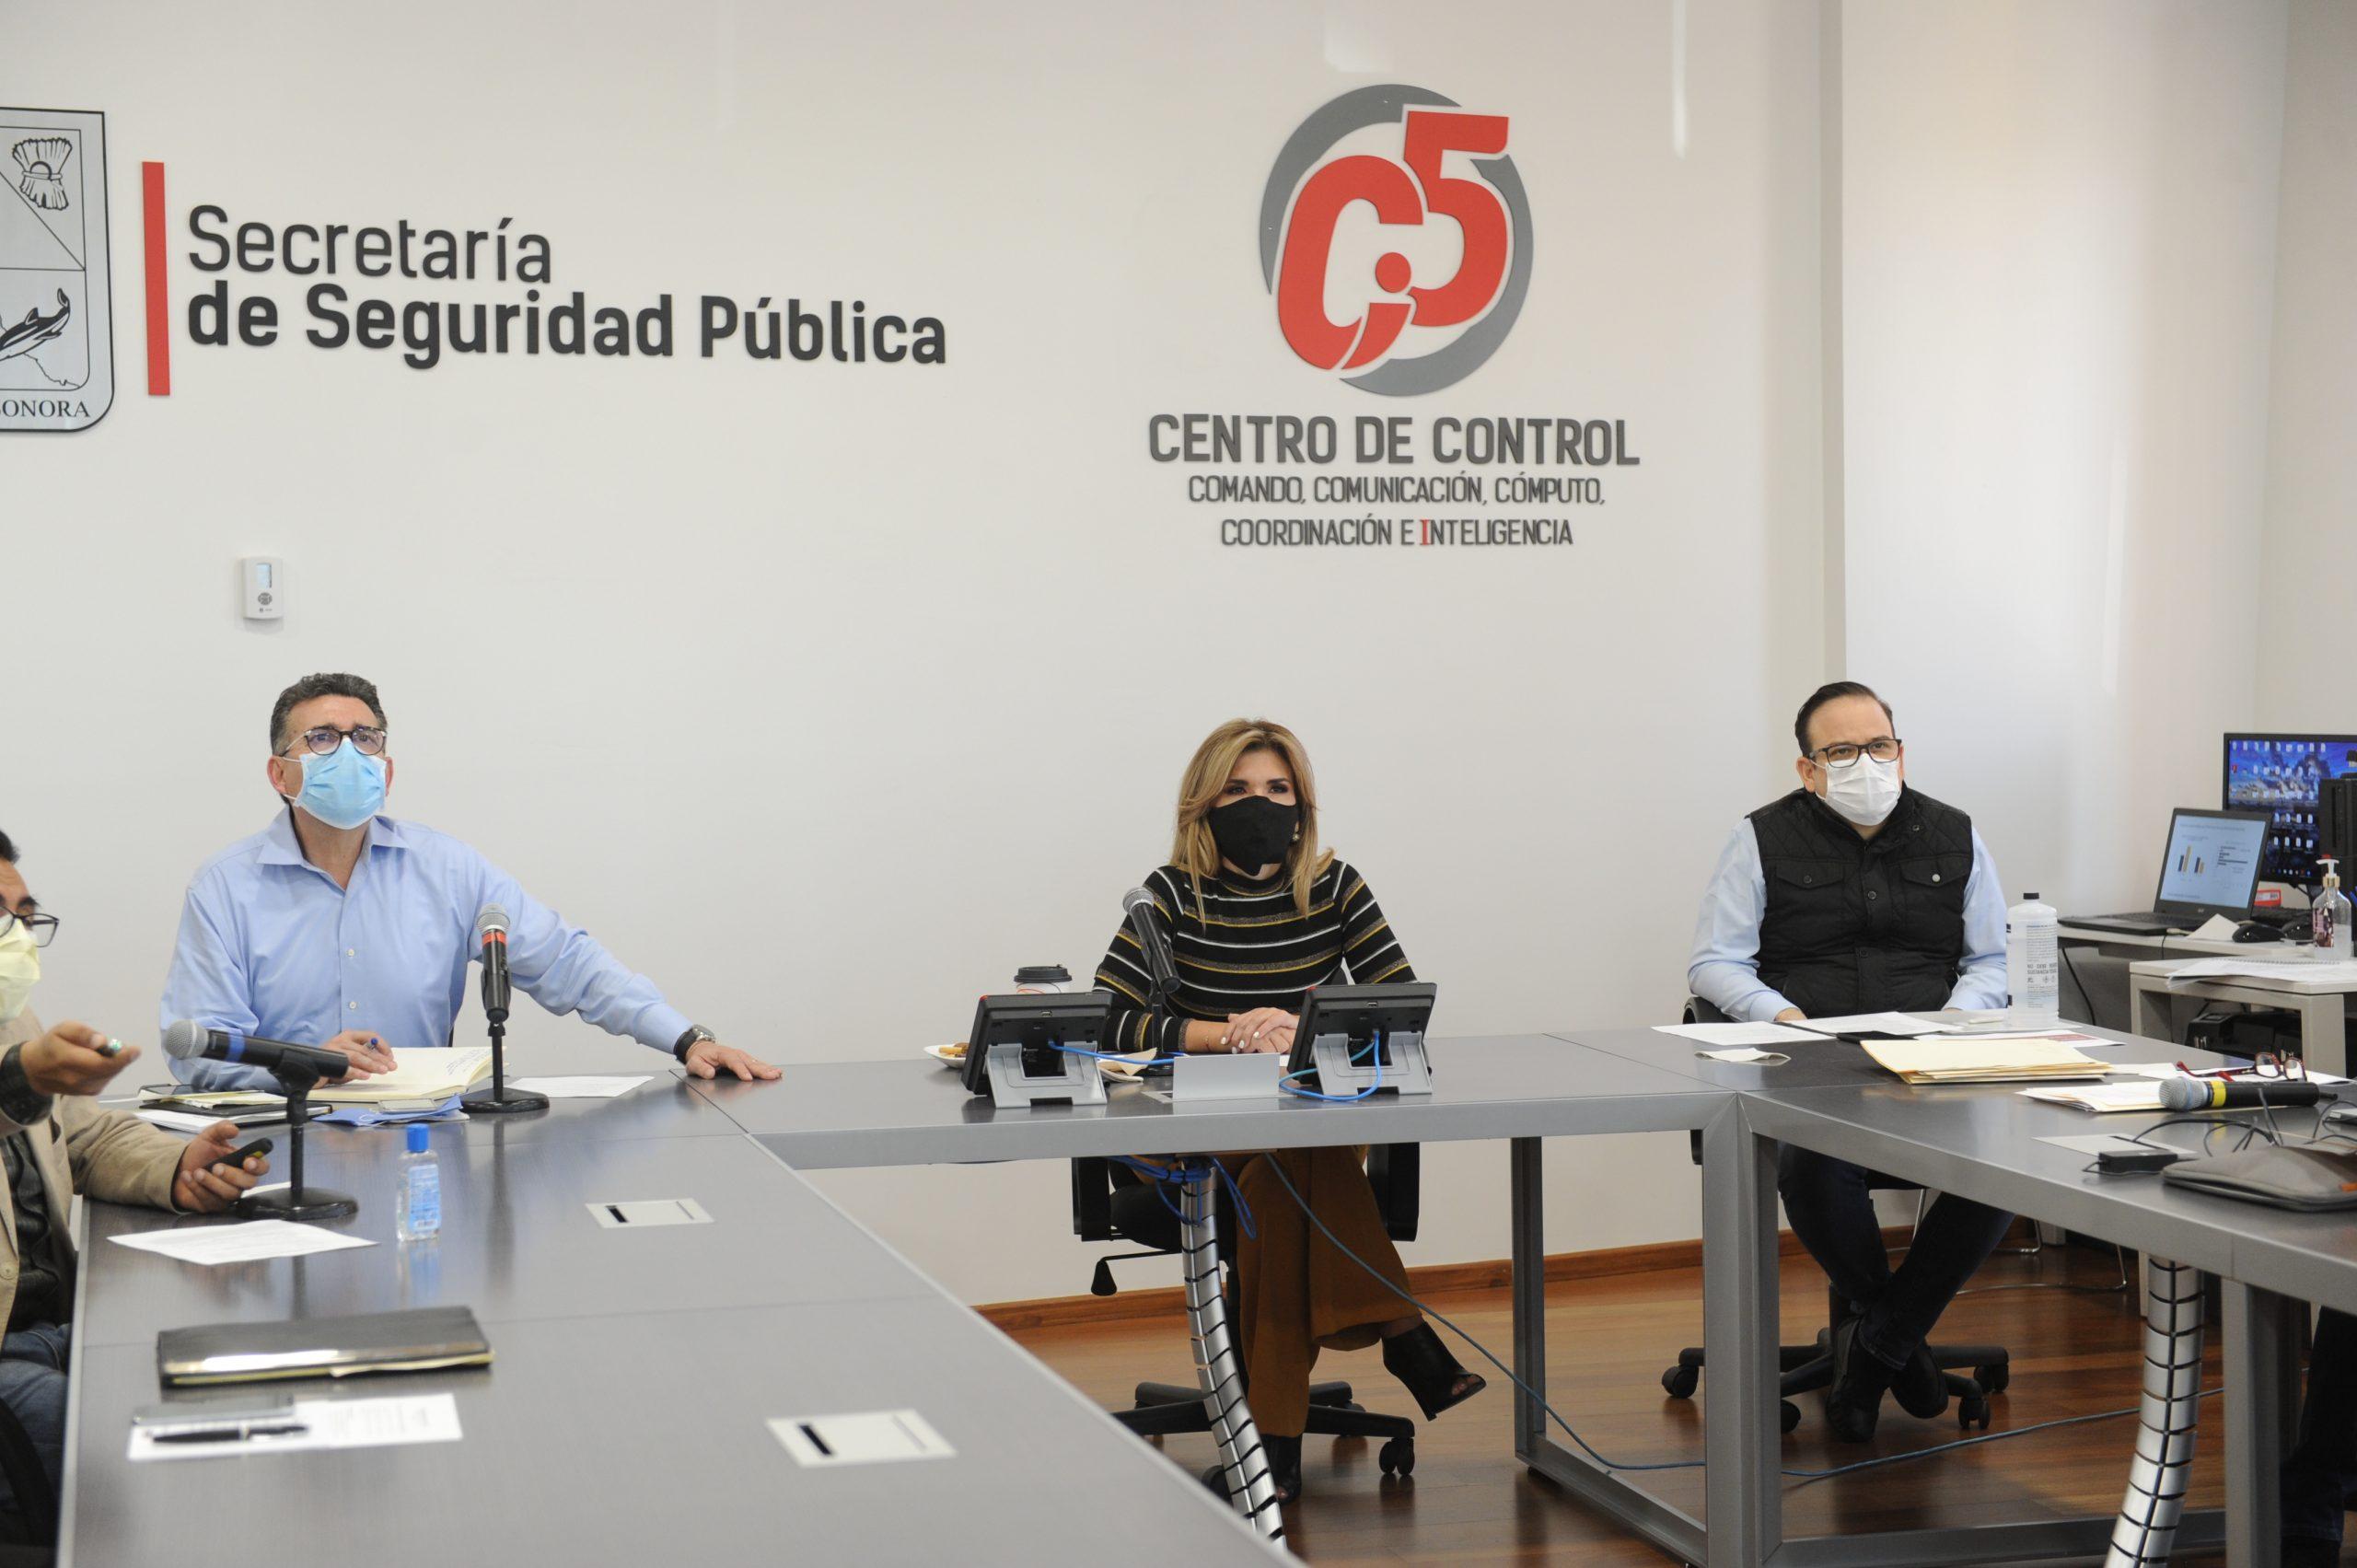 Las medidas disuasivas y coercitivas frenan la velocidad del coronavirus en Sonora